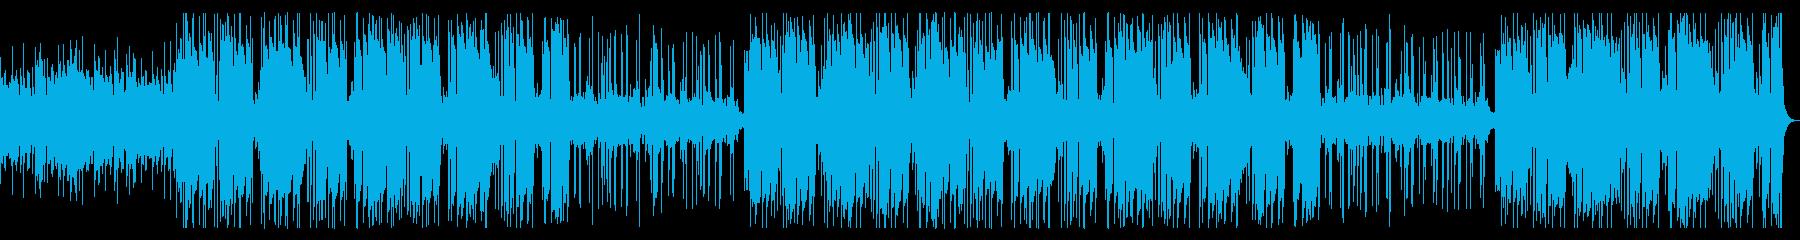 和風江戸のお祭りガレージトラップビートの再生済みの波形